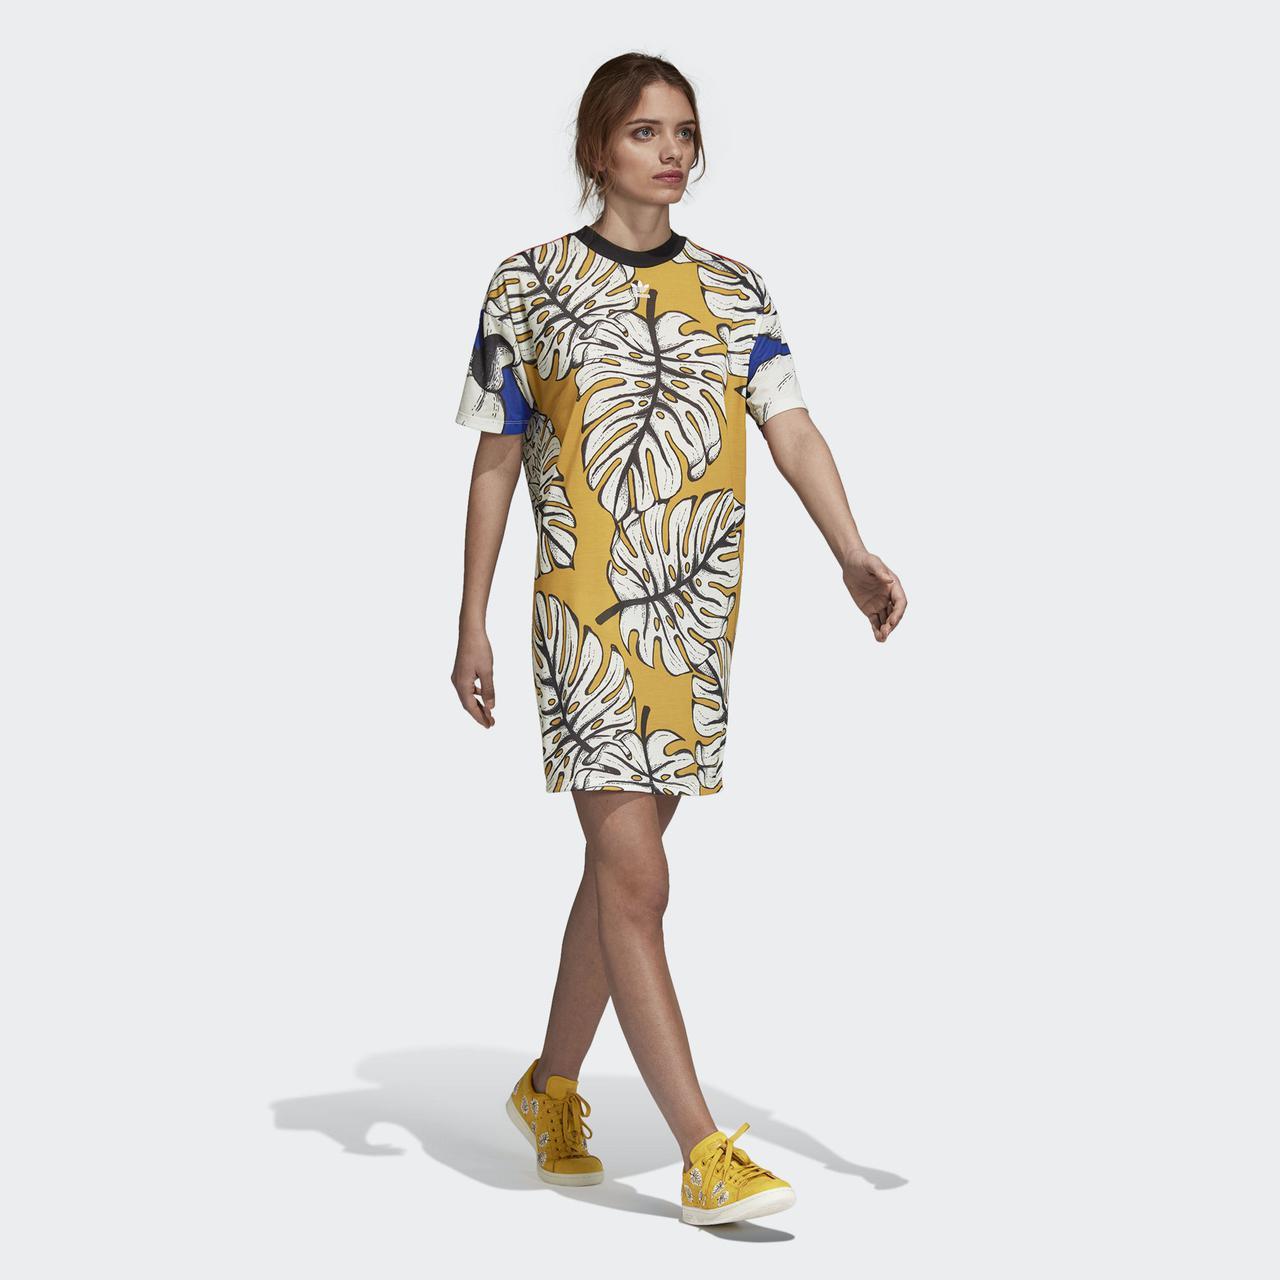 a9992b2541cfe Яркое женское платье Adidas Originals DH3069 - 2018/2 - Интернет магазин  Tip - все